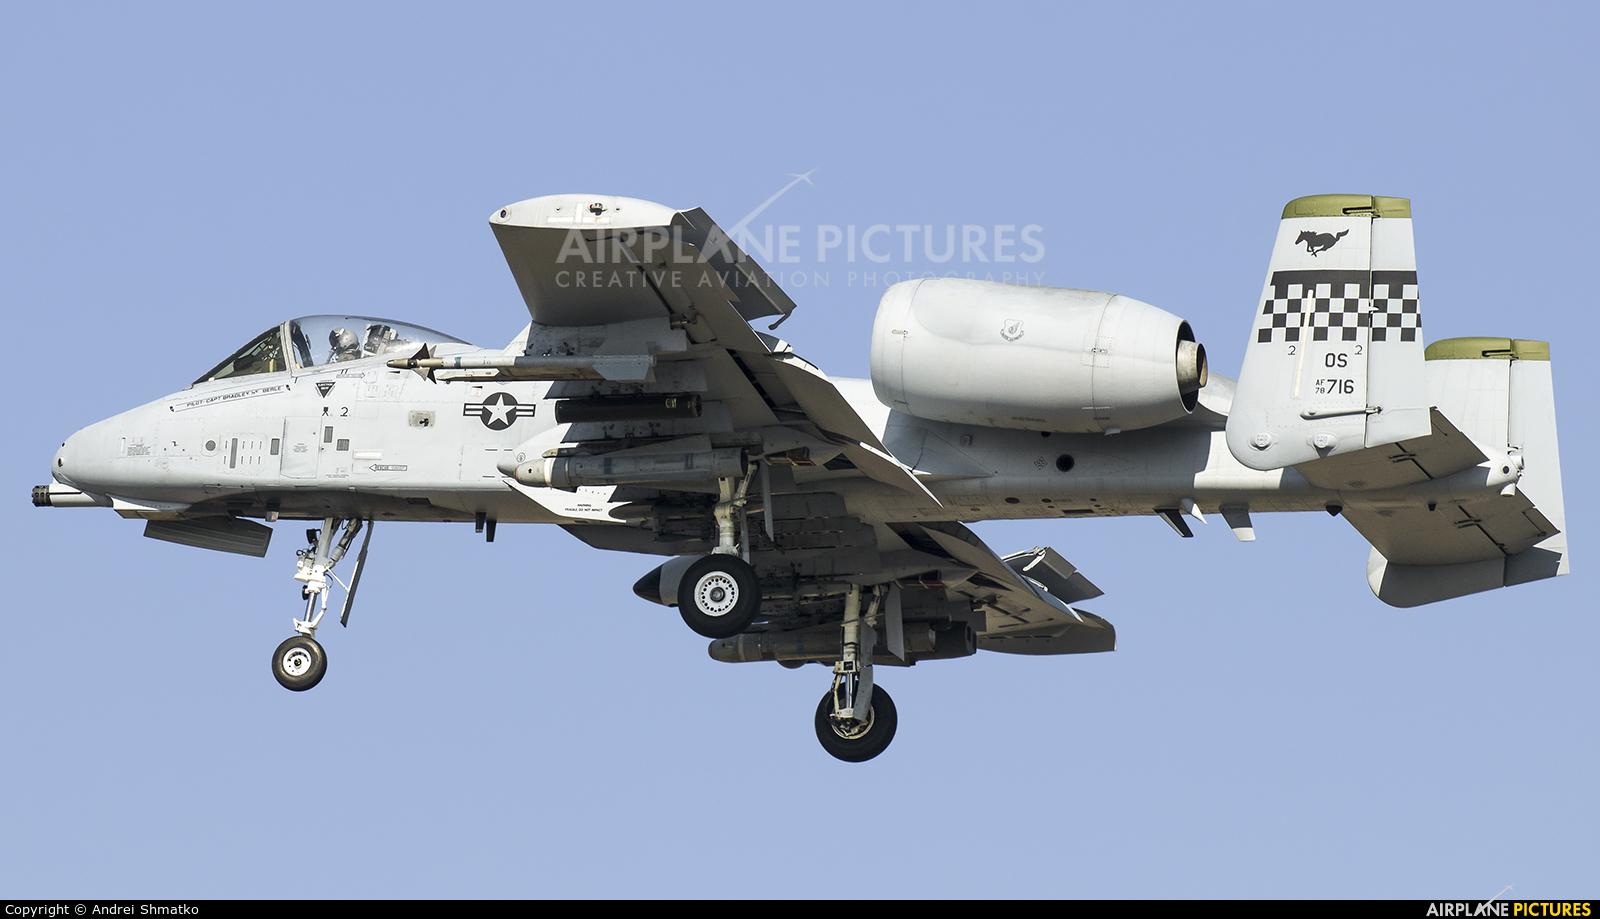 USA - Air Force 78-0716 aircraft at Osan AB